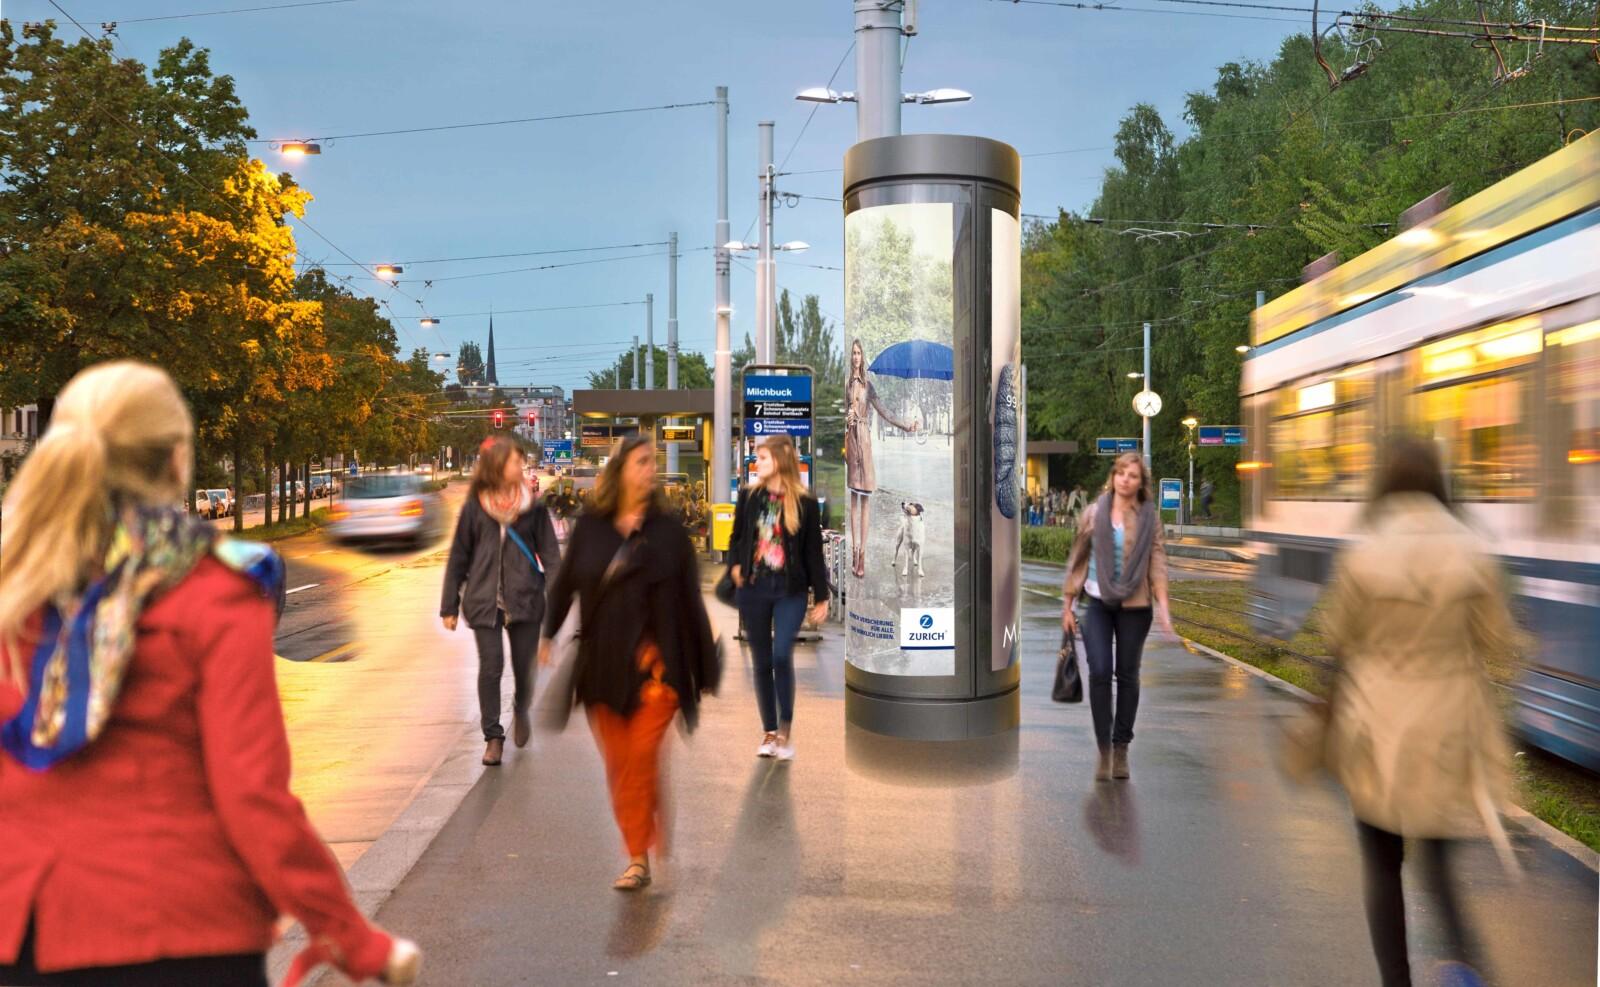 Werben mit Plakat - Leuchdrehsäule an der Milchbuckstrasse in Zürich